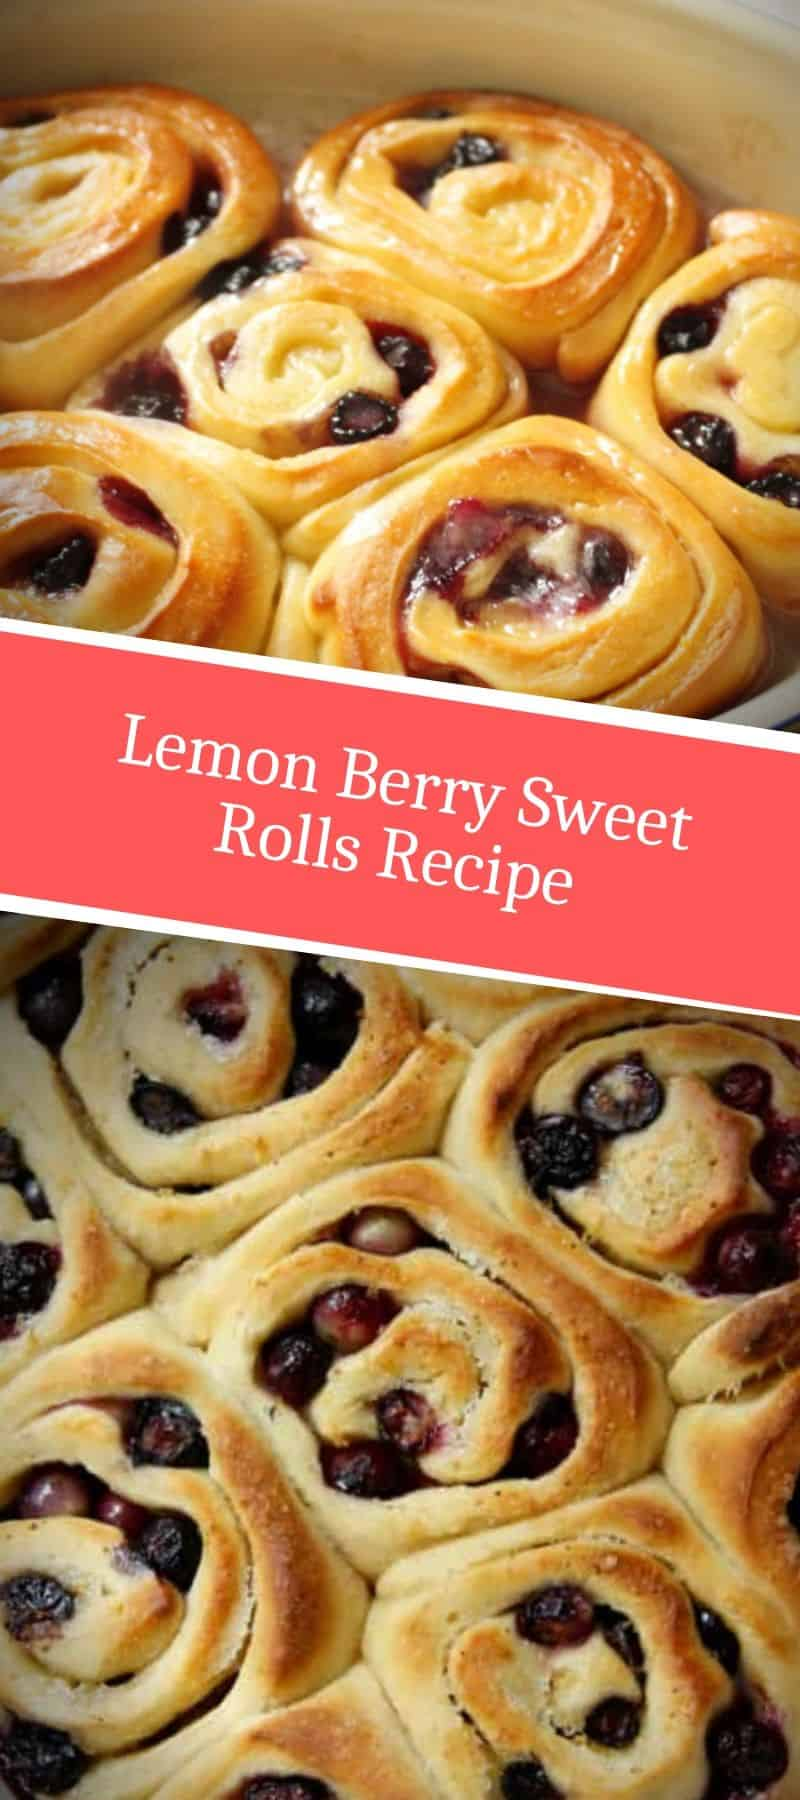 Lemon Berry Sweet Rolls Recipe 3